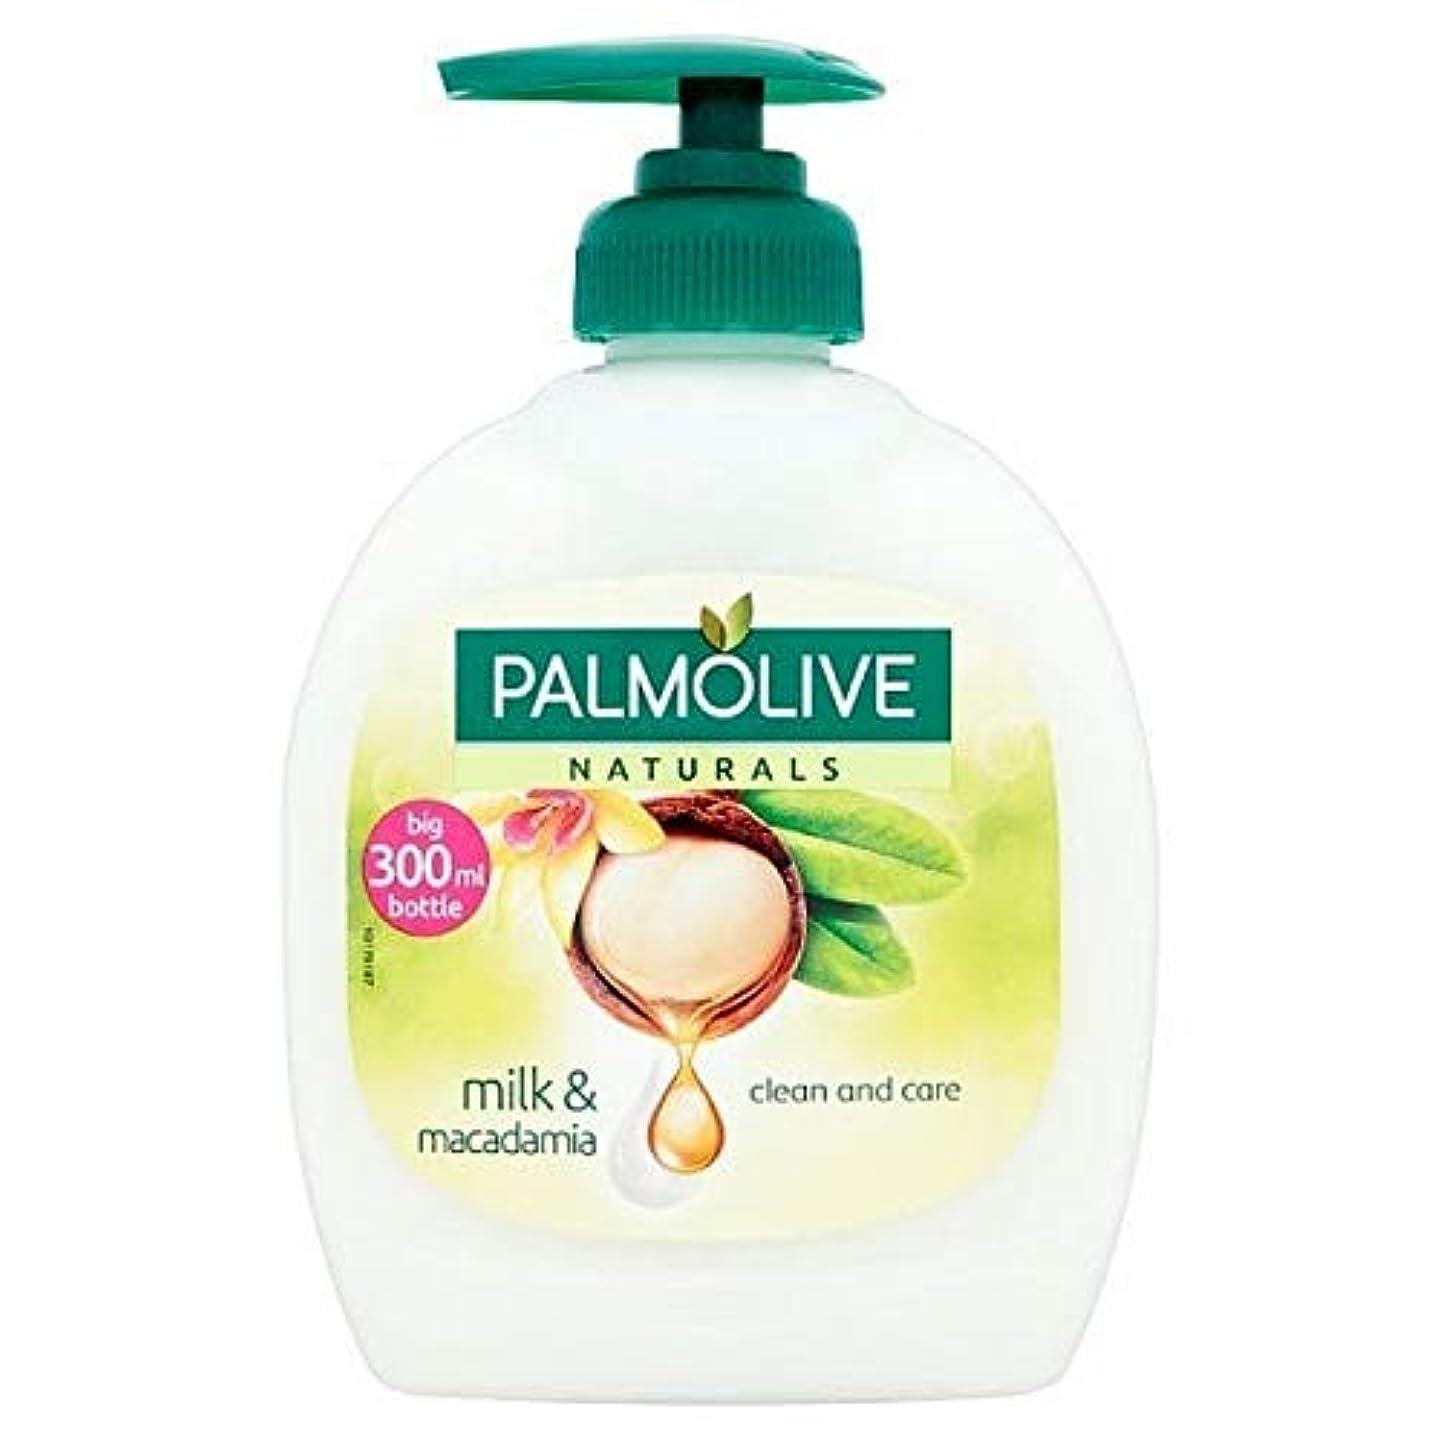 結び目解き明かすチューリップ[Palmolive ] パルモライブナチュラルマカダミア&バニラ液体手洗いの300ミリリットル - Palmolive Naturals Macadamia & Vanilla Liquid Handwash 300ml...